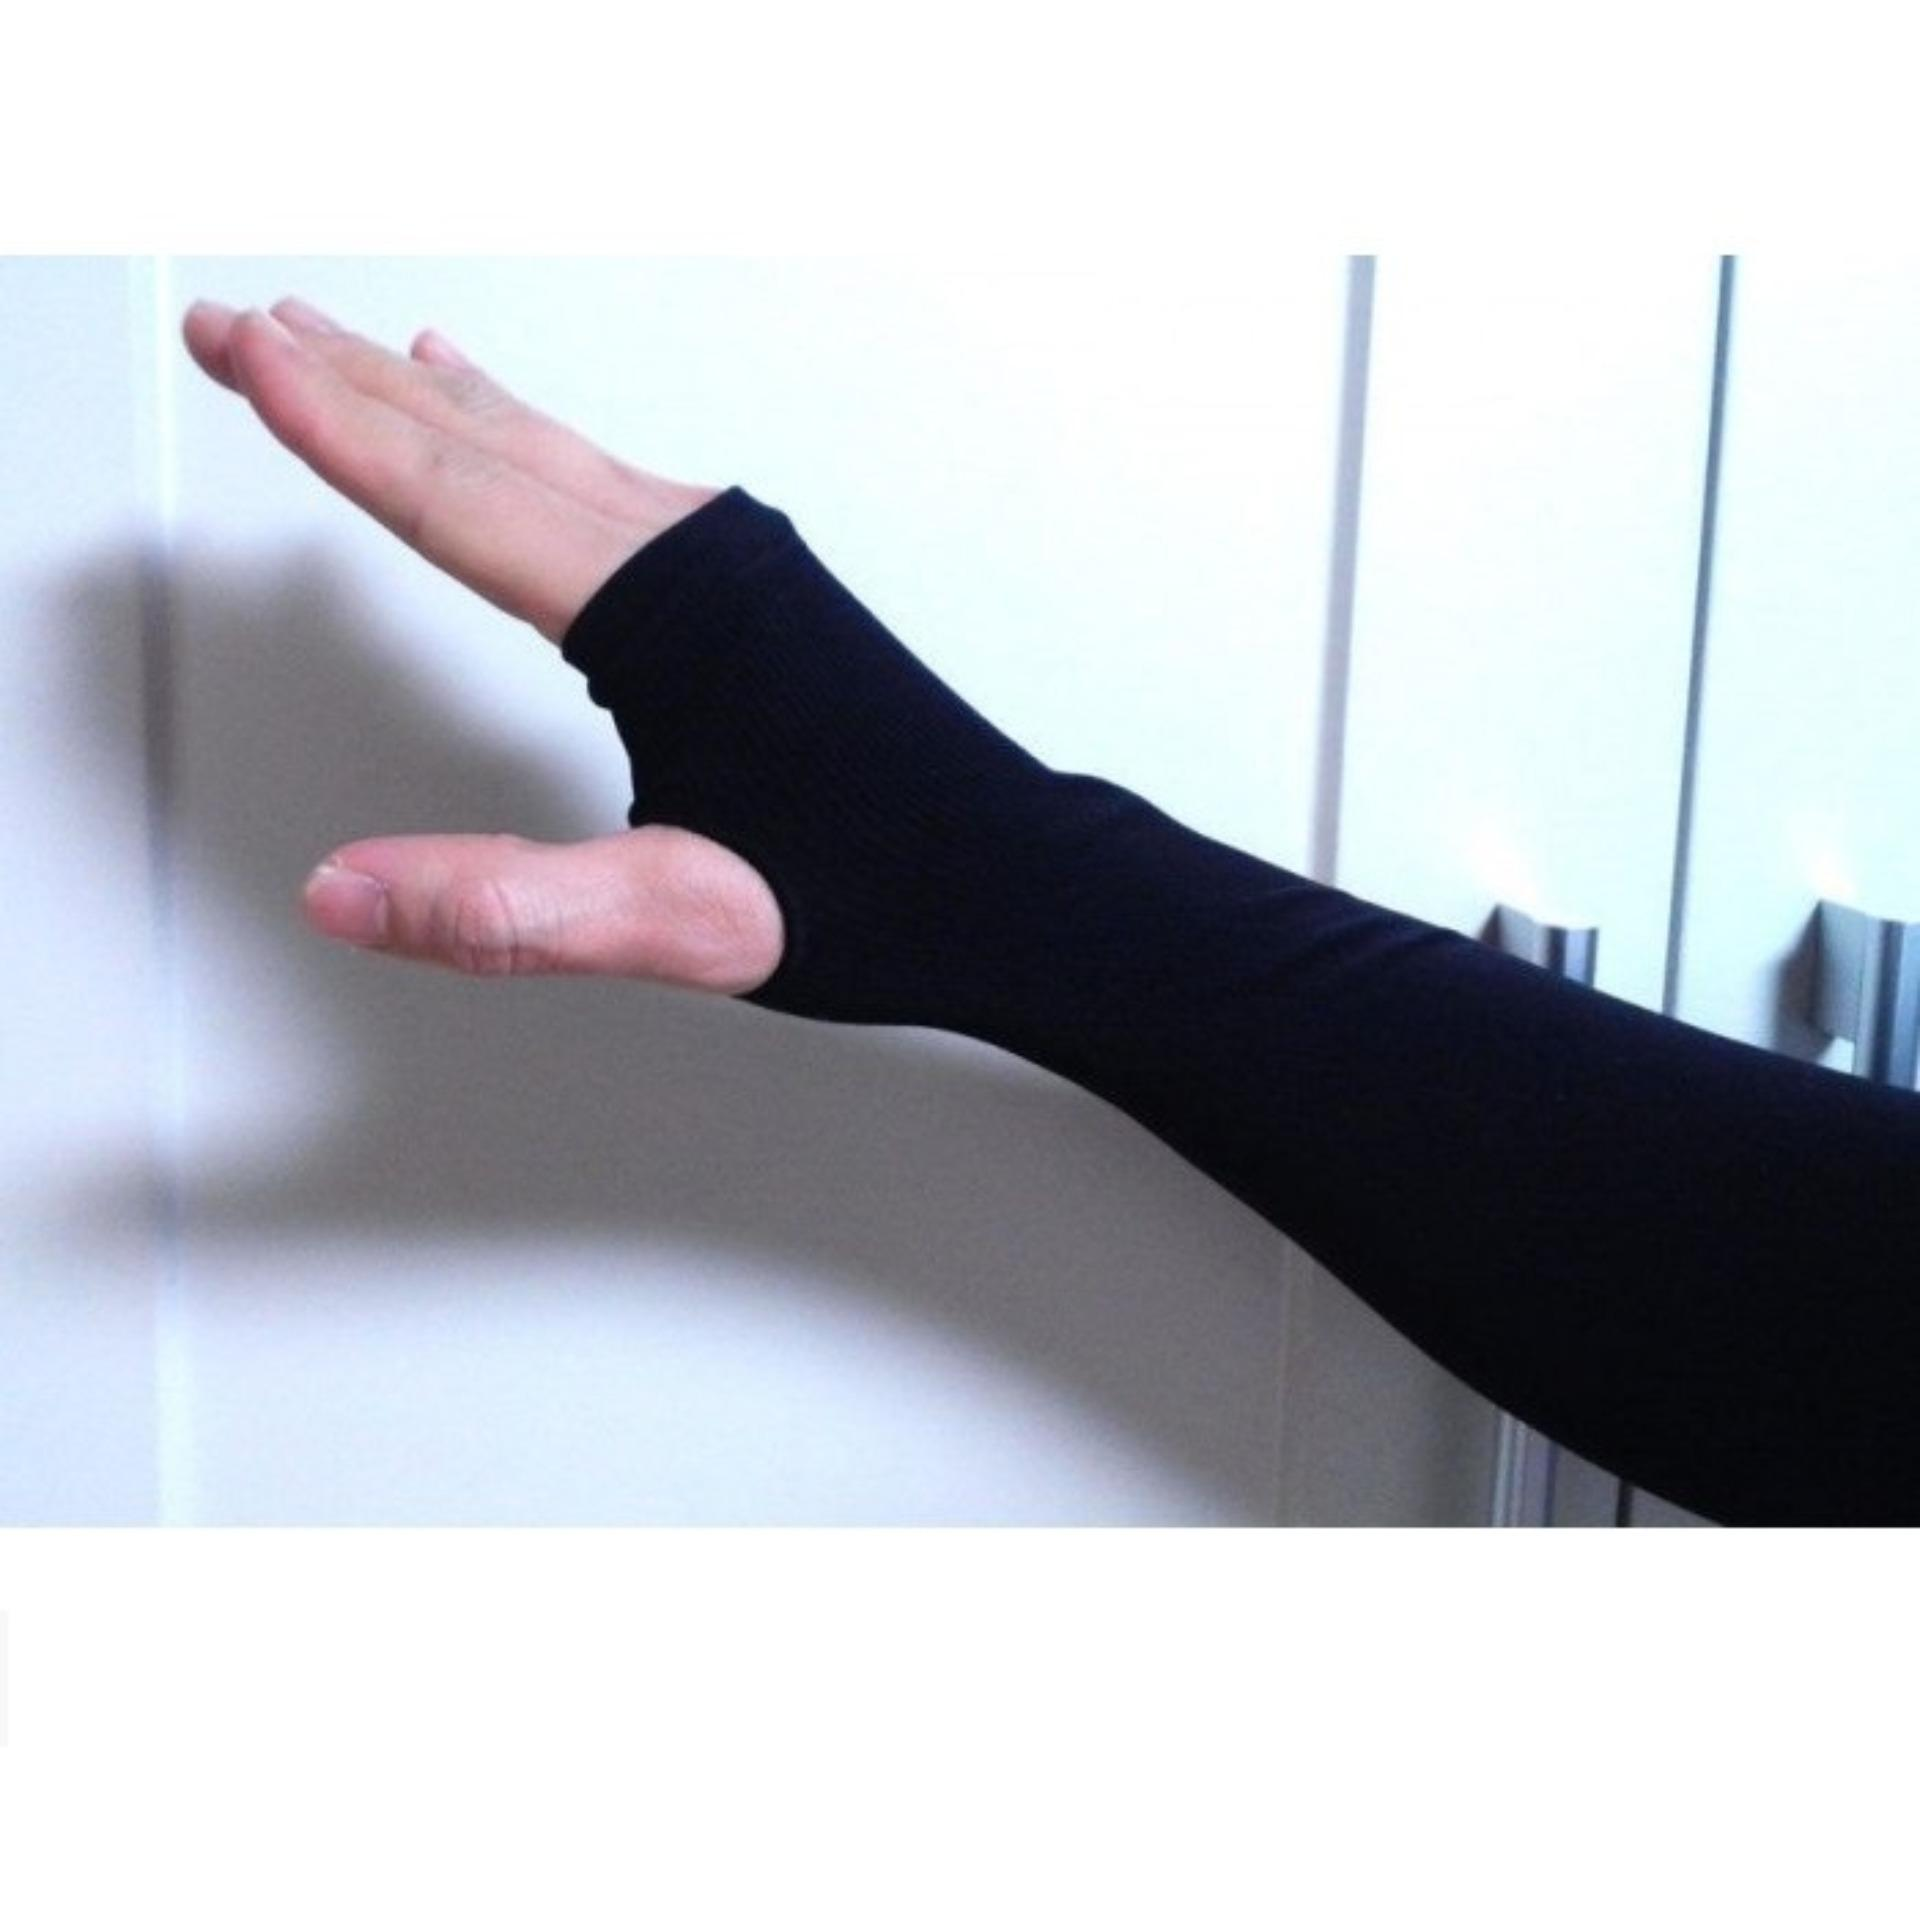 Găng tay chống nắng Letslim (Đen) 1000000206